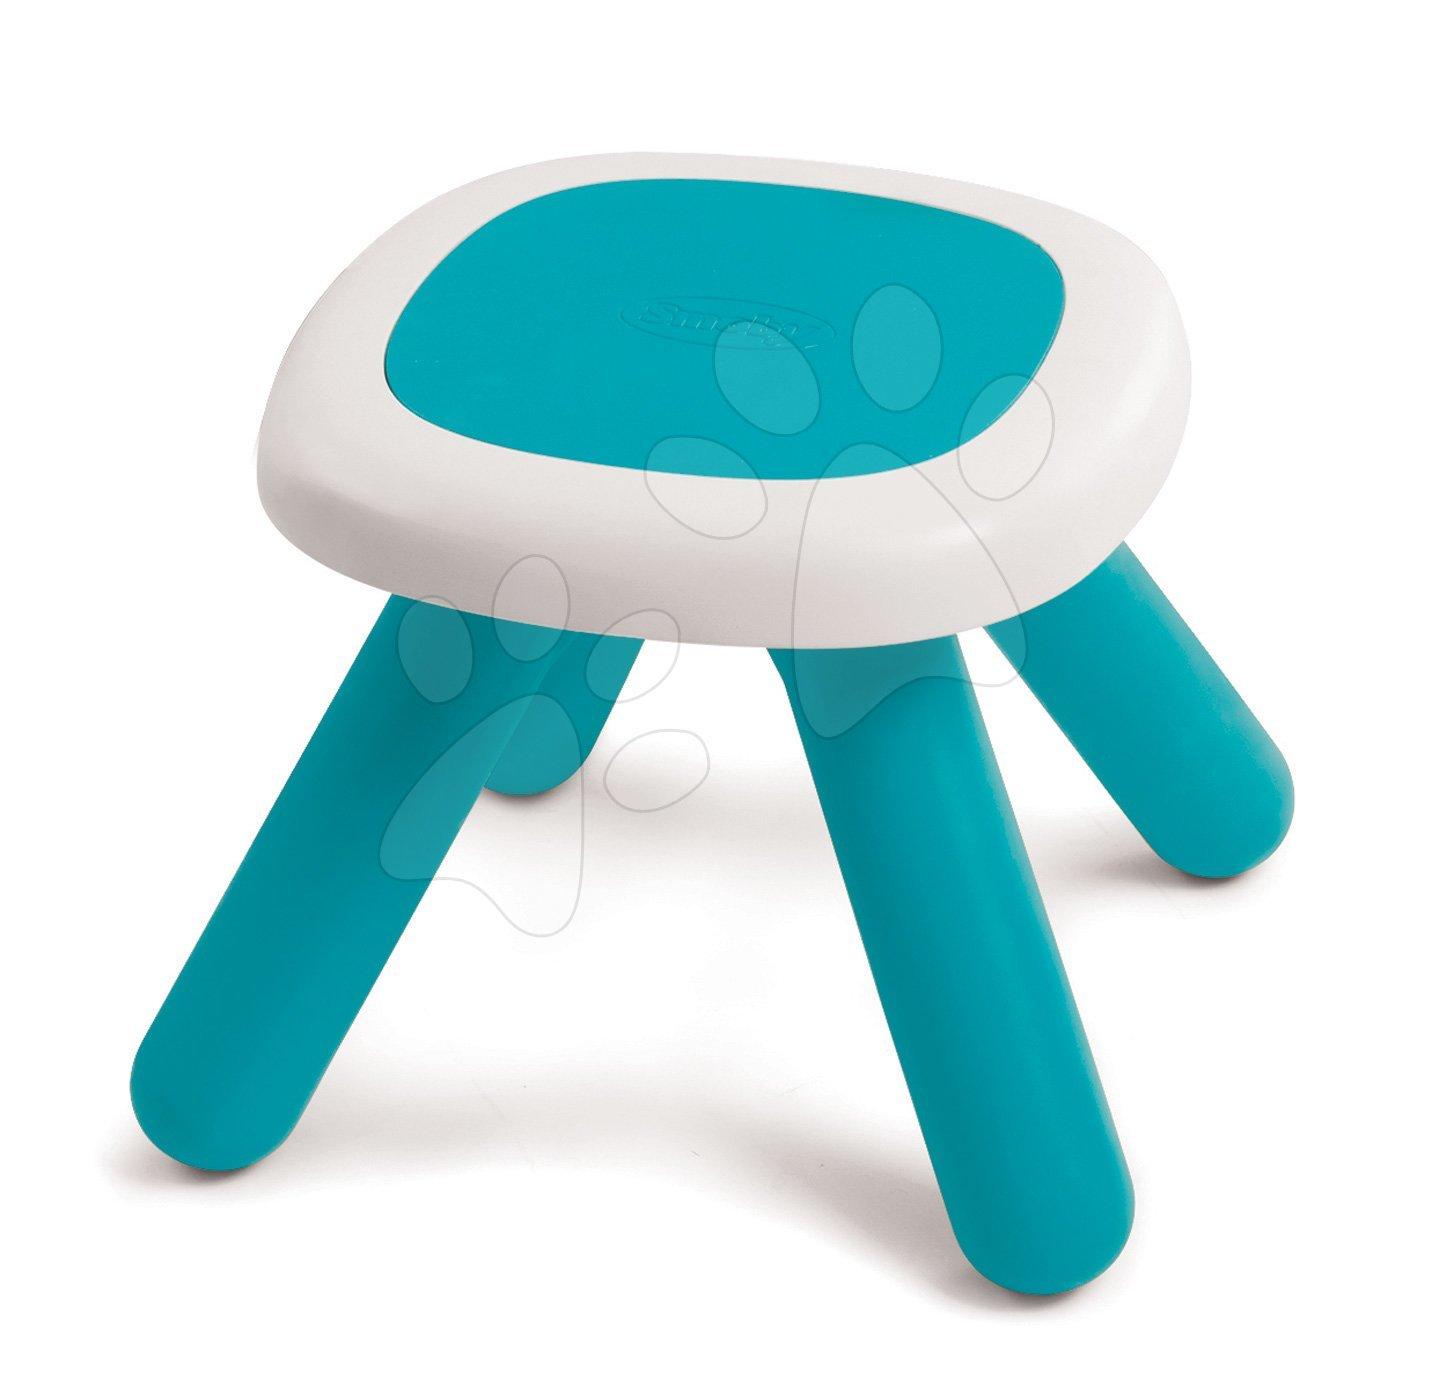 Taburetka pro děti KidStool Smoby 2v1 modrá s UV filtrem, nosnost 50 kg, výška 27 cm od 18 měsíců